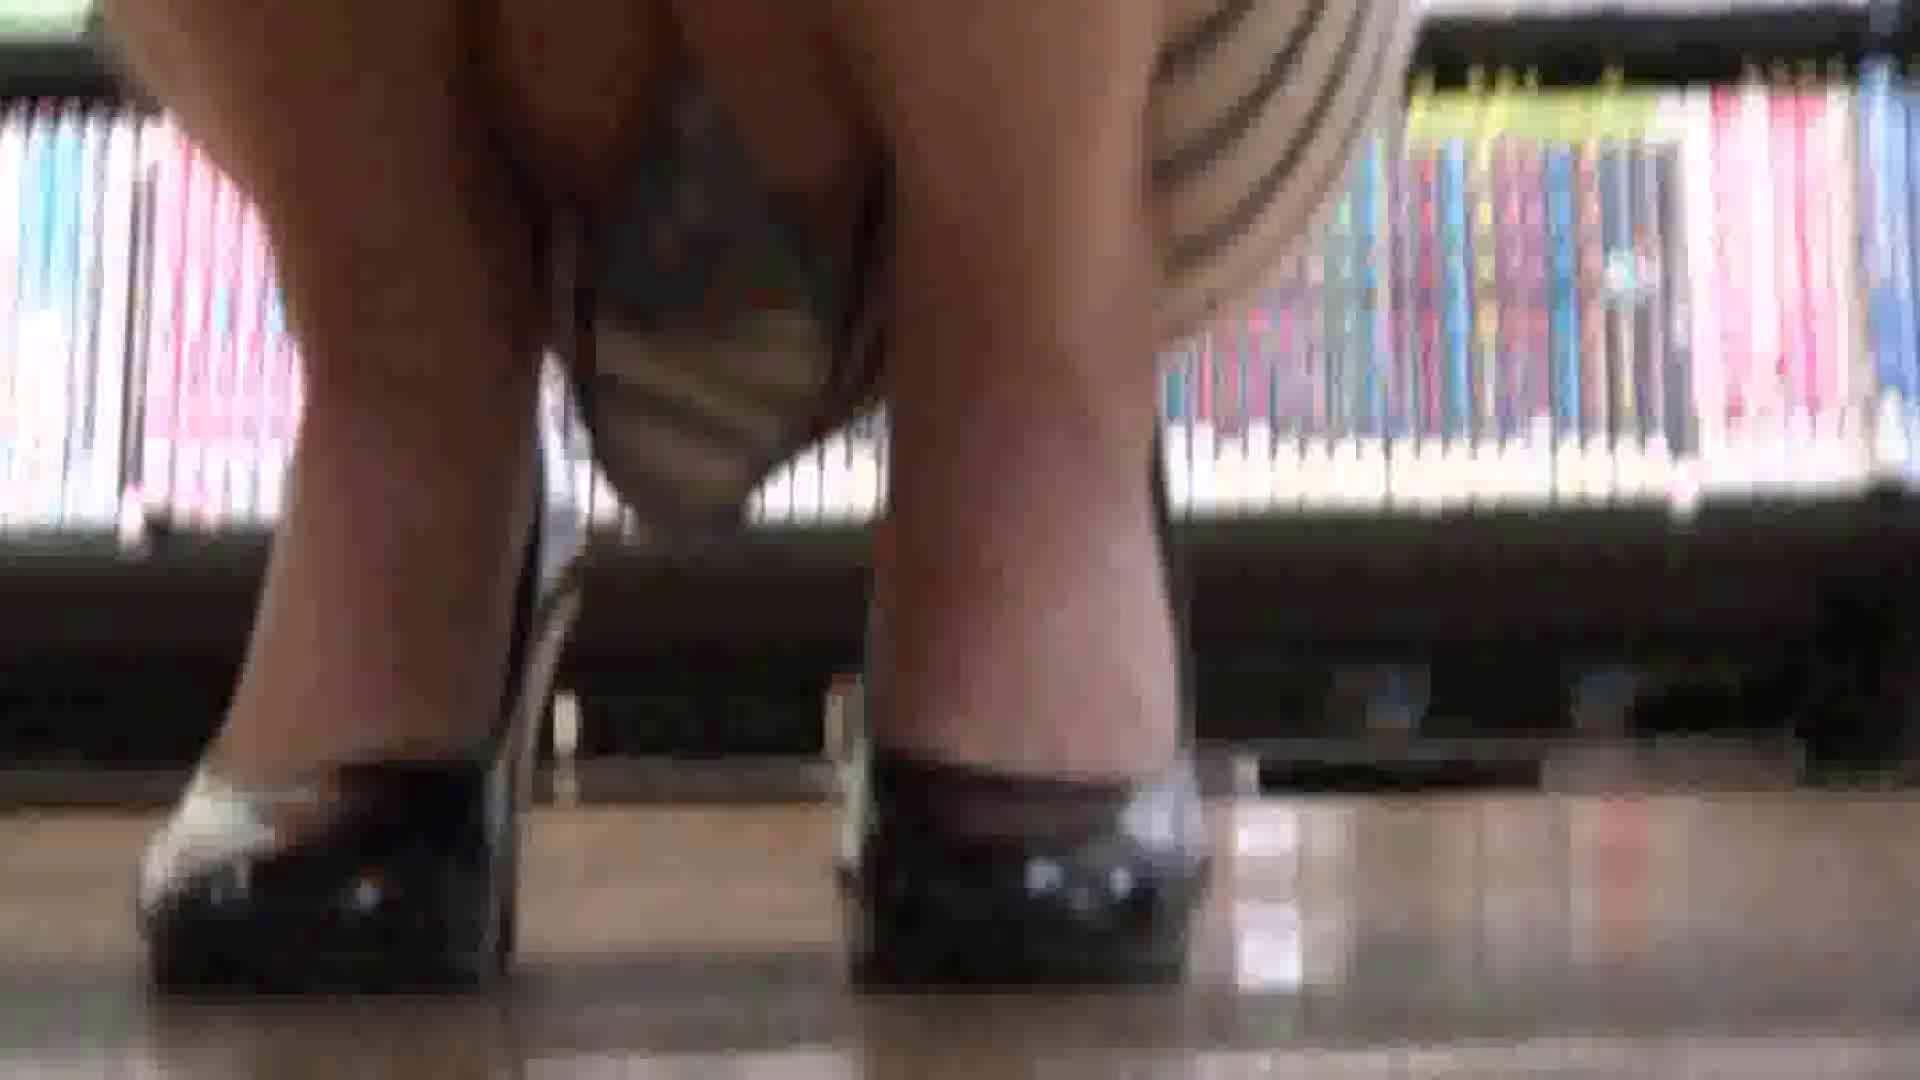 真剣に買い物中のgal達を上から下から狙います。vol.01 HなOL | JKヌード  102pic 73